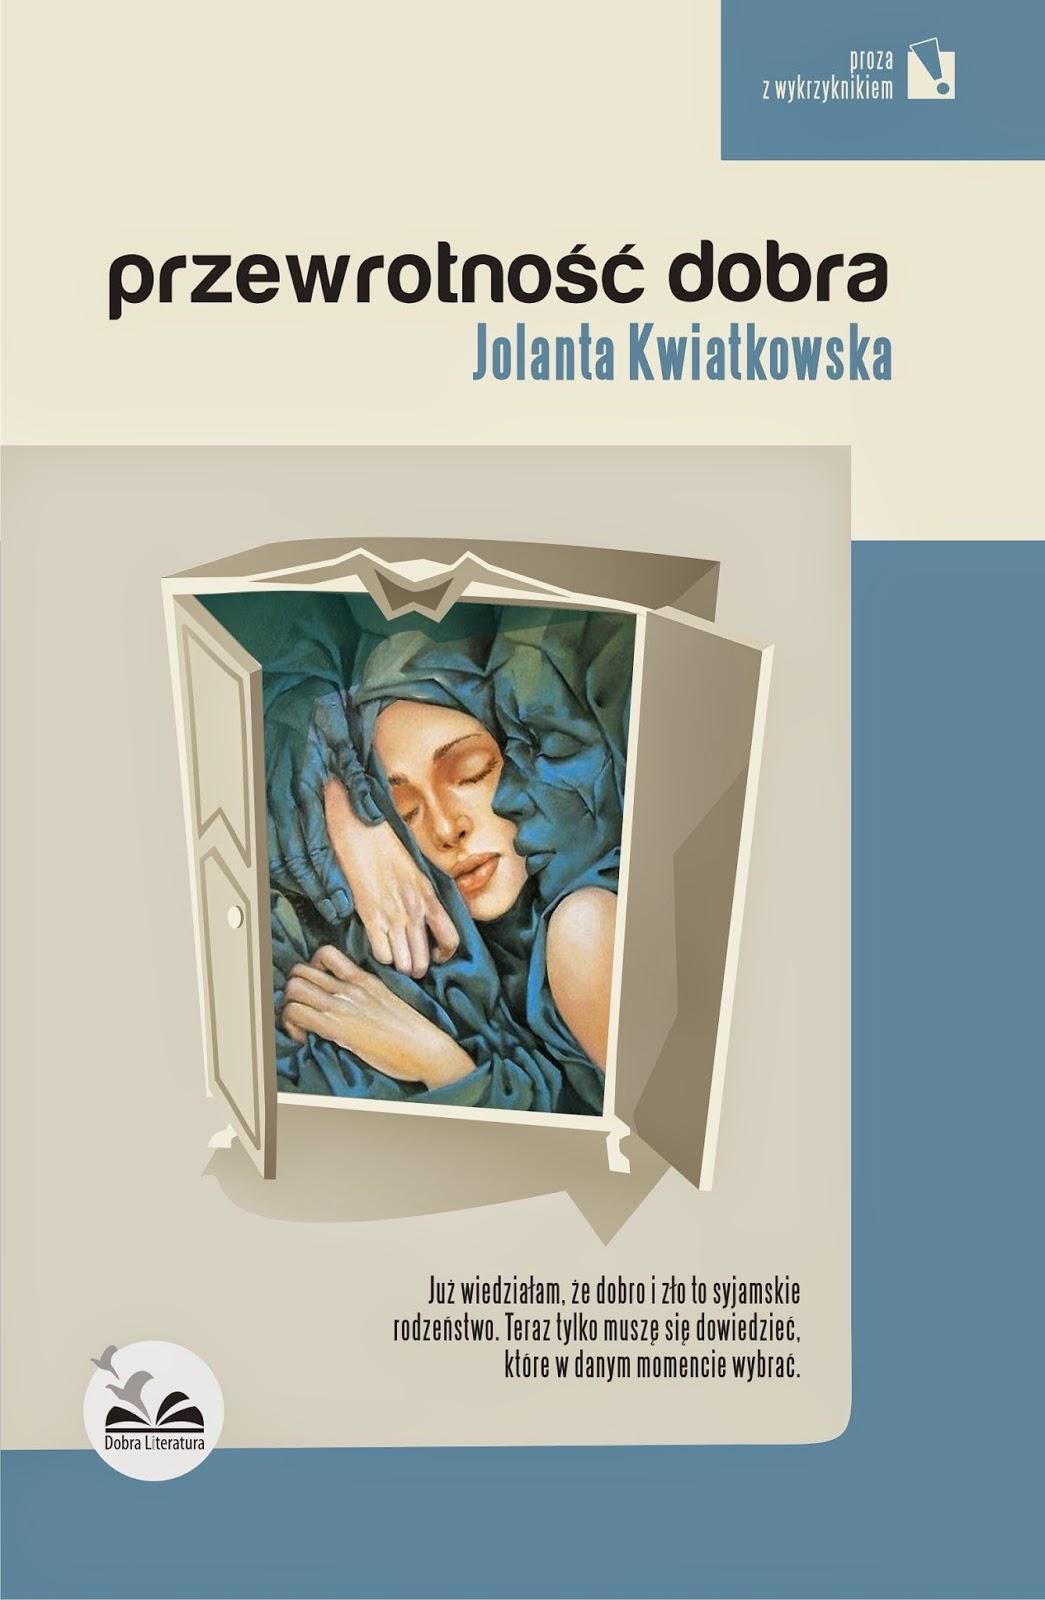 www.dobraliteratura.pl/zapowiedz/142/przewrotnosc_dobra.html